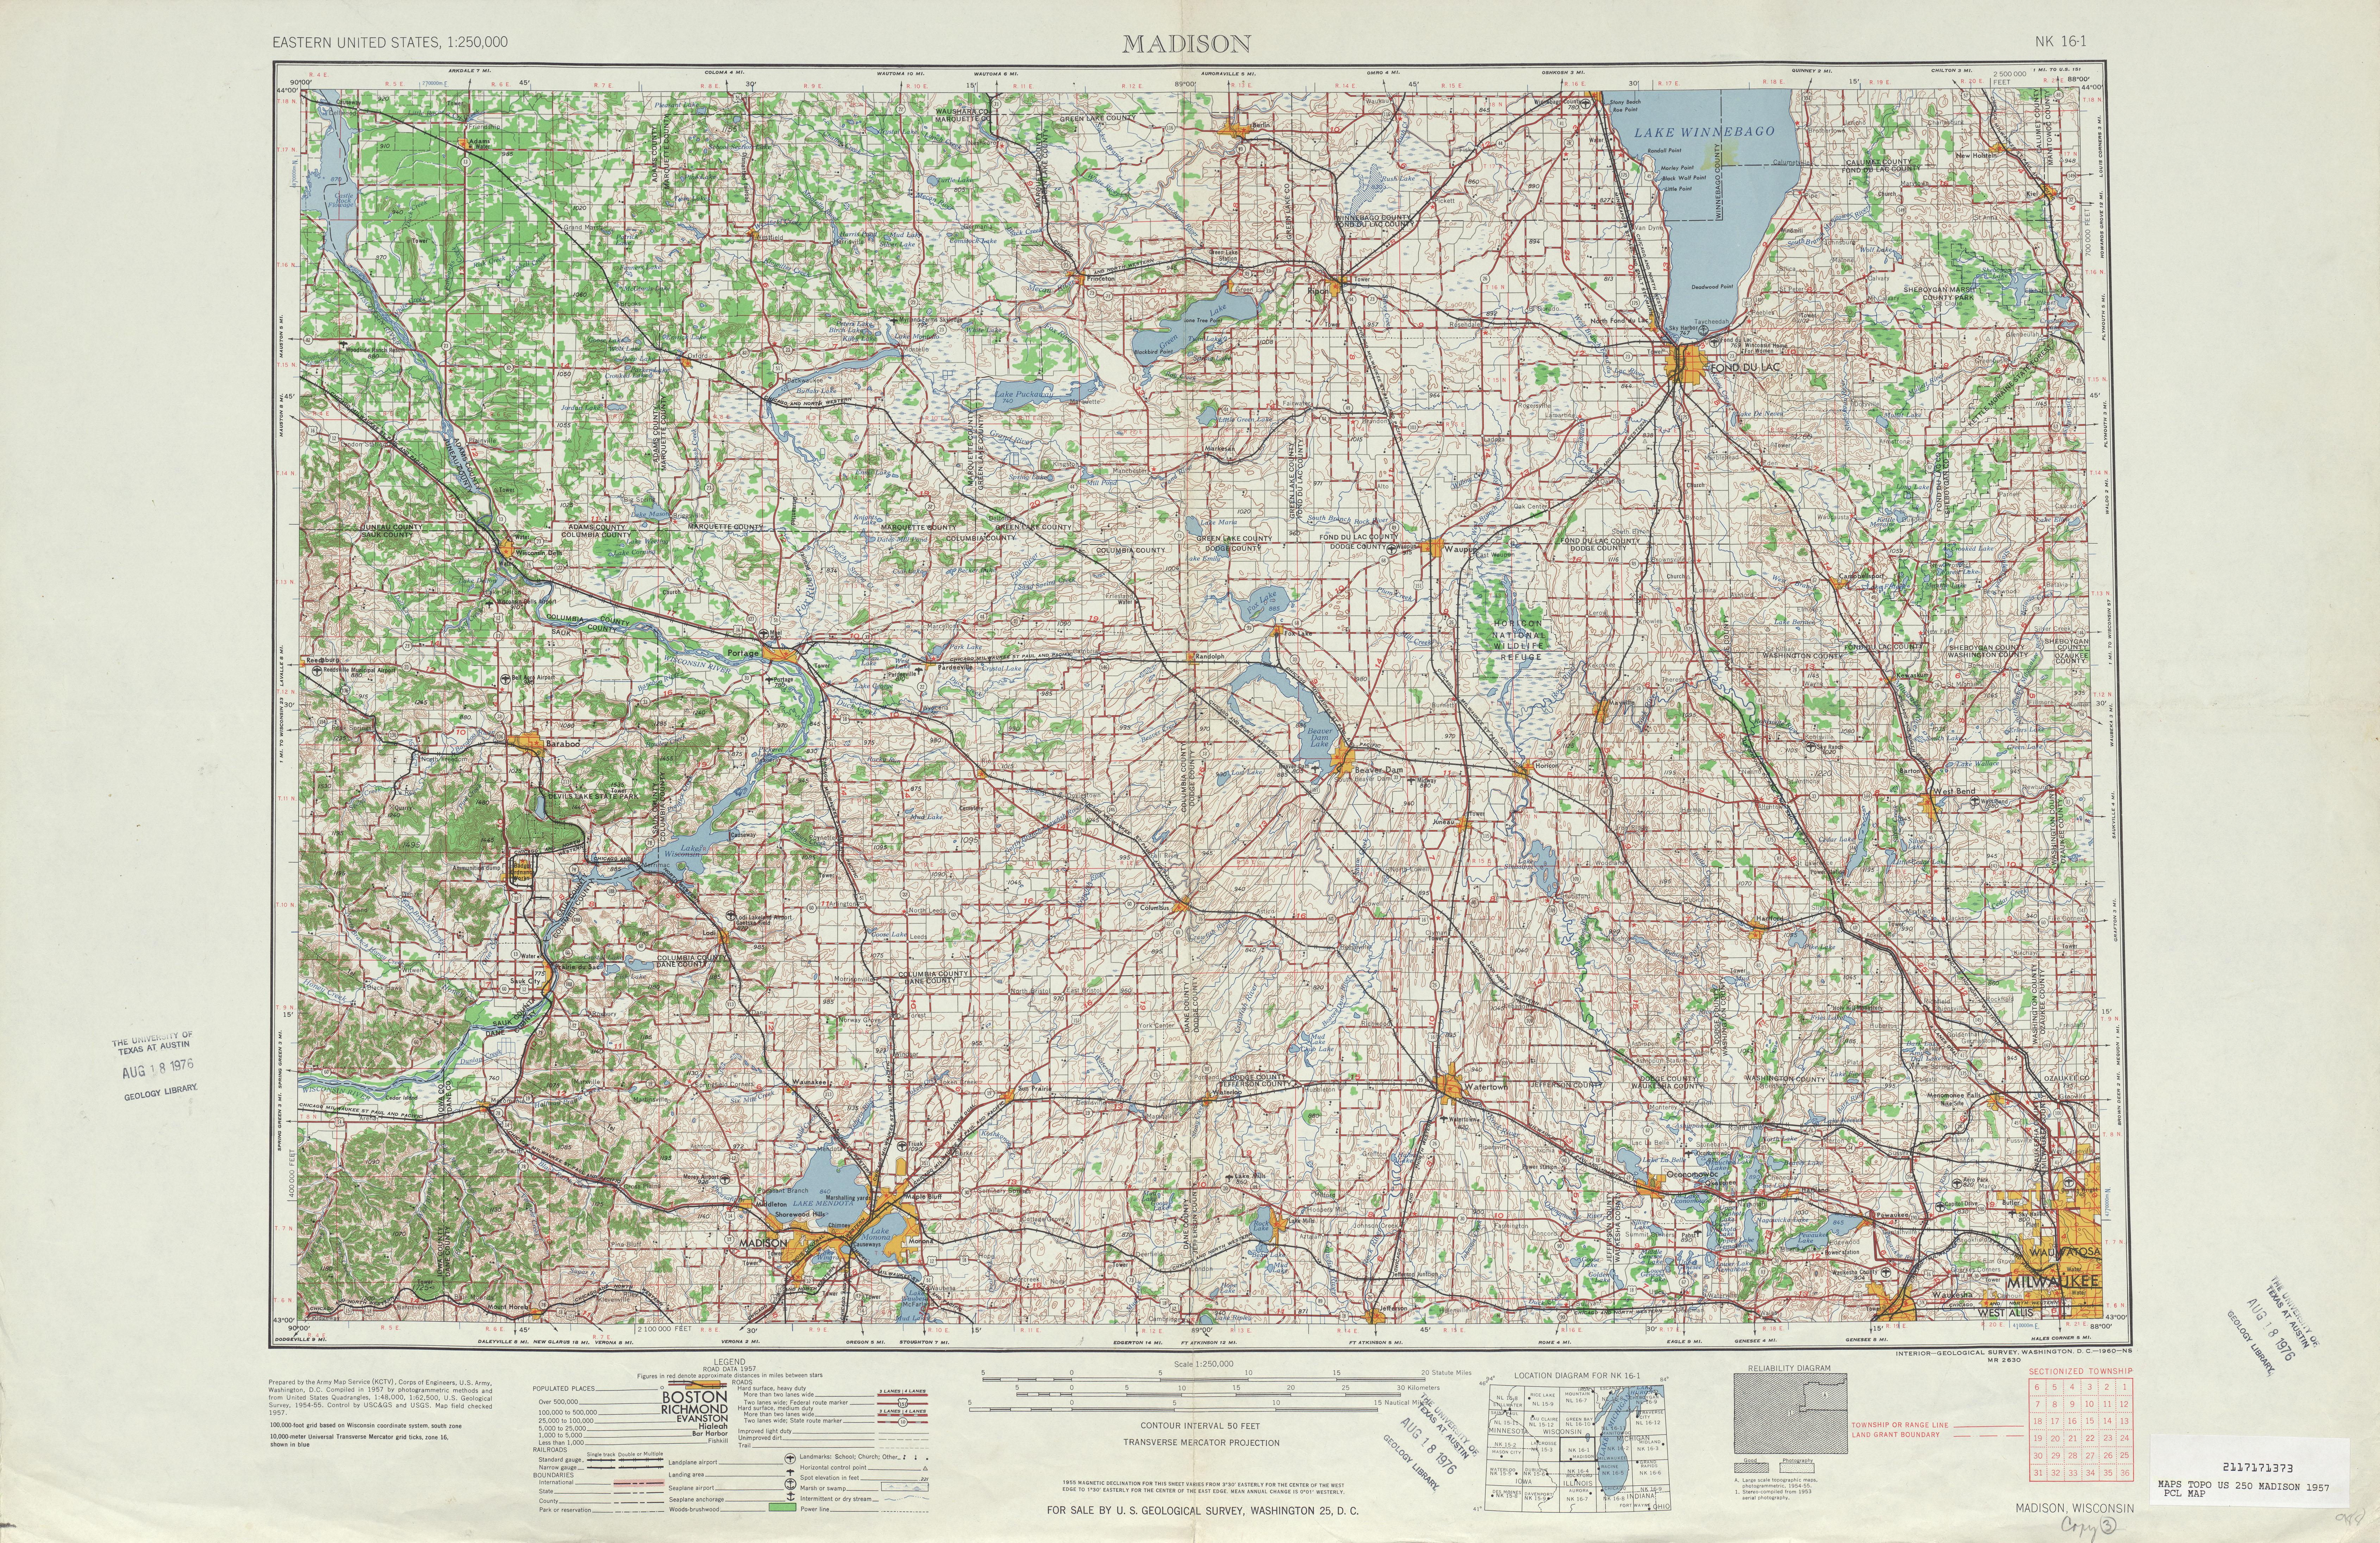 Hoja Madison del Mapa Topográfico de los Estados Unidos 1957